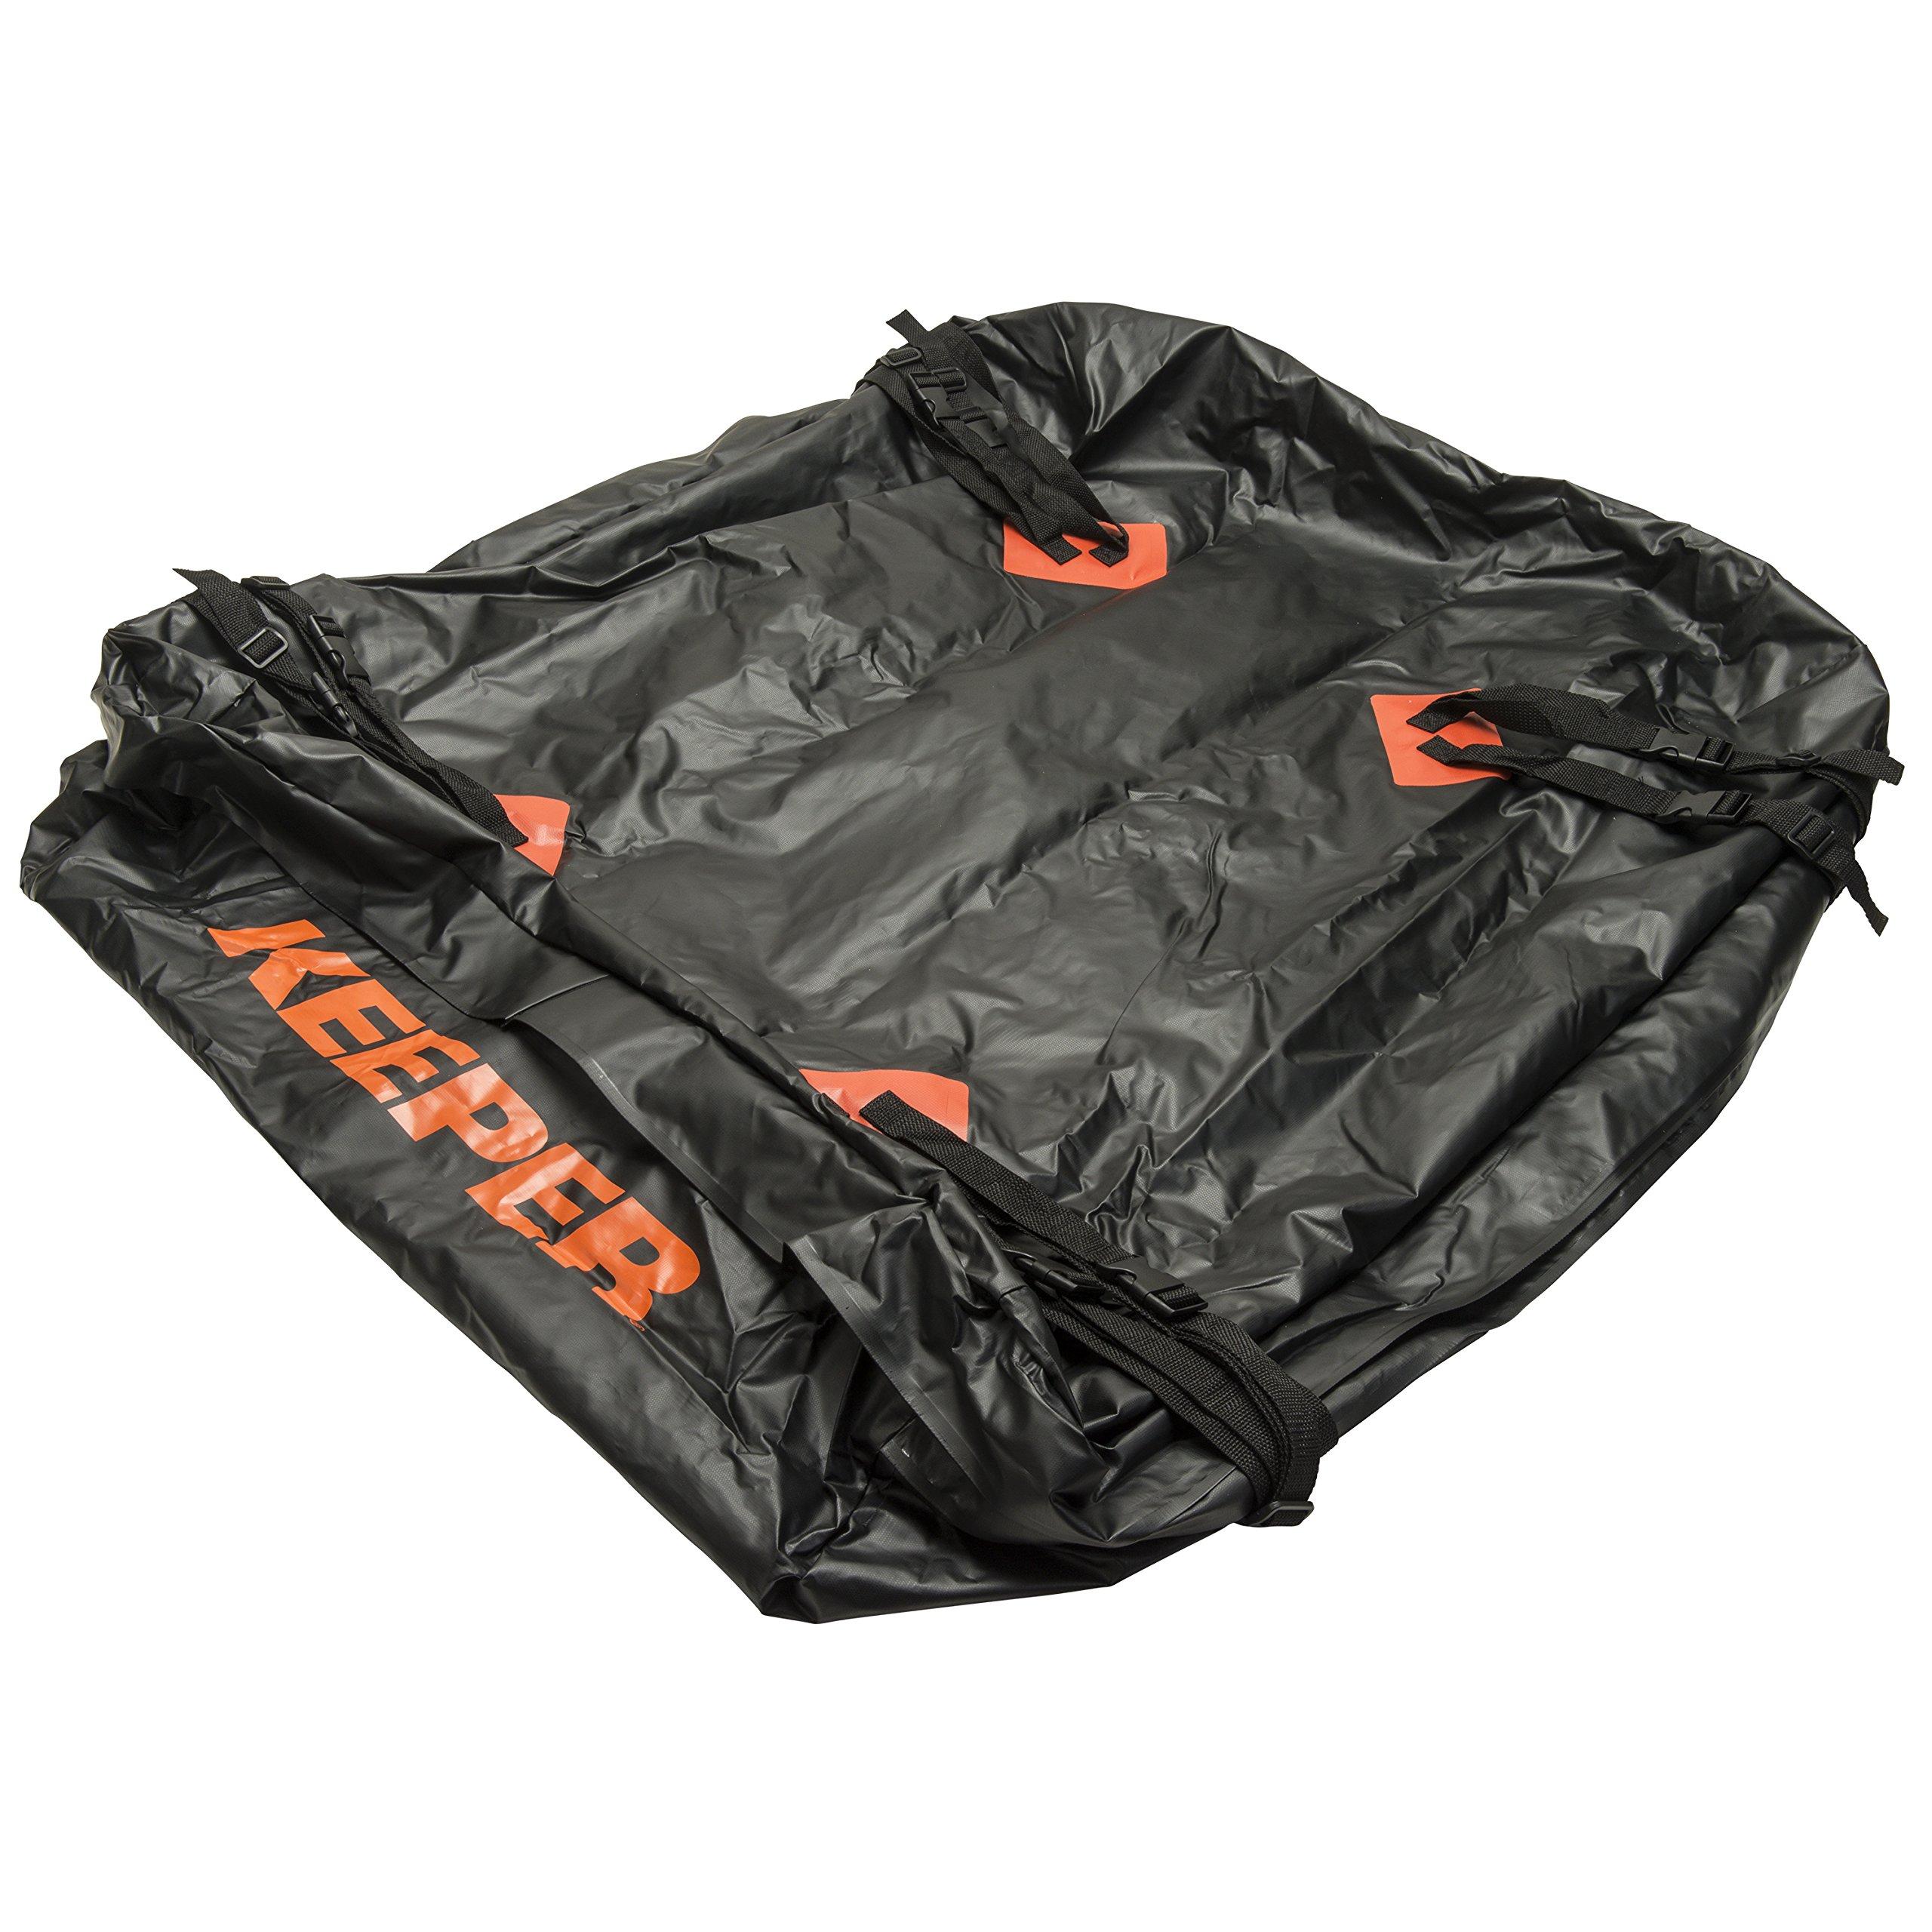 Keeper 8-8 Waterproof Roof Top Cargo Bag (85 Cubic Feet)